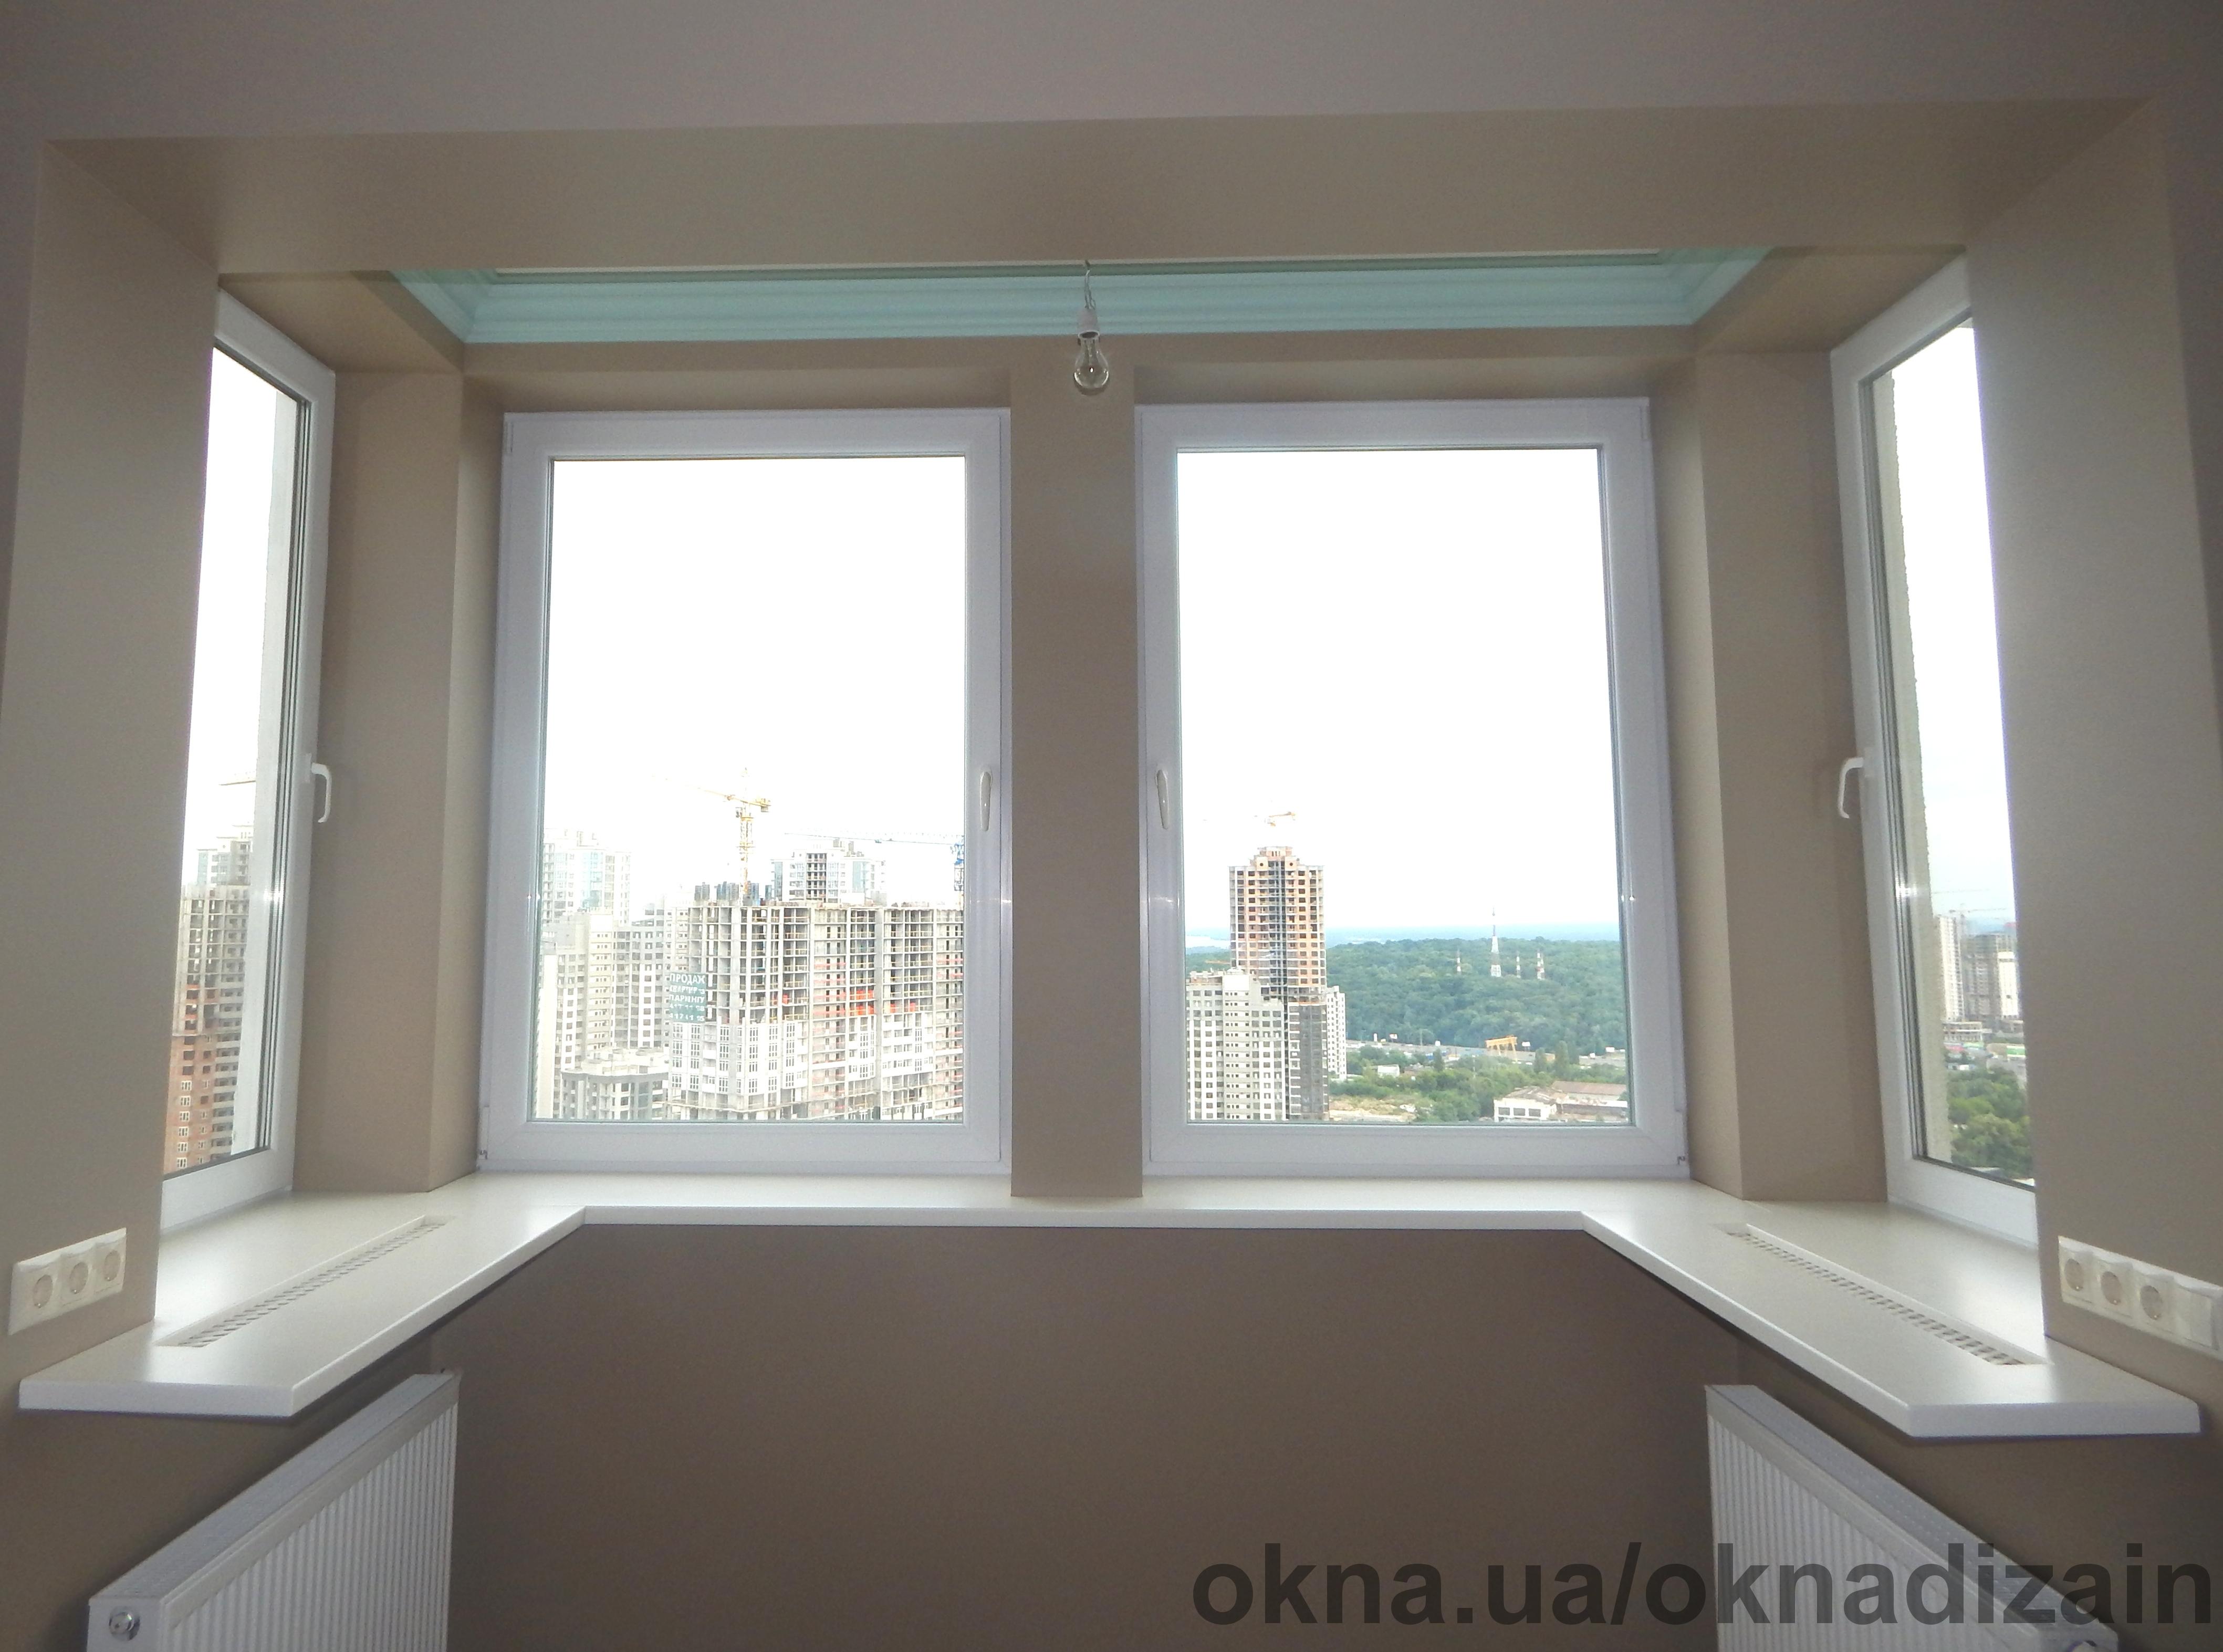 Балконы от Оконный дизайн. Все виды работ